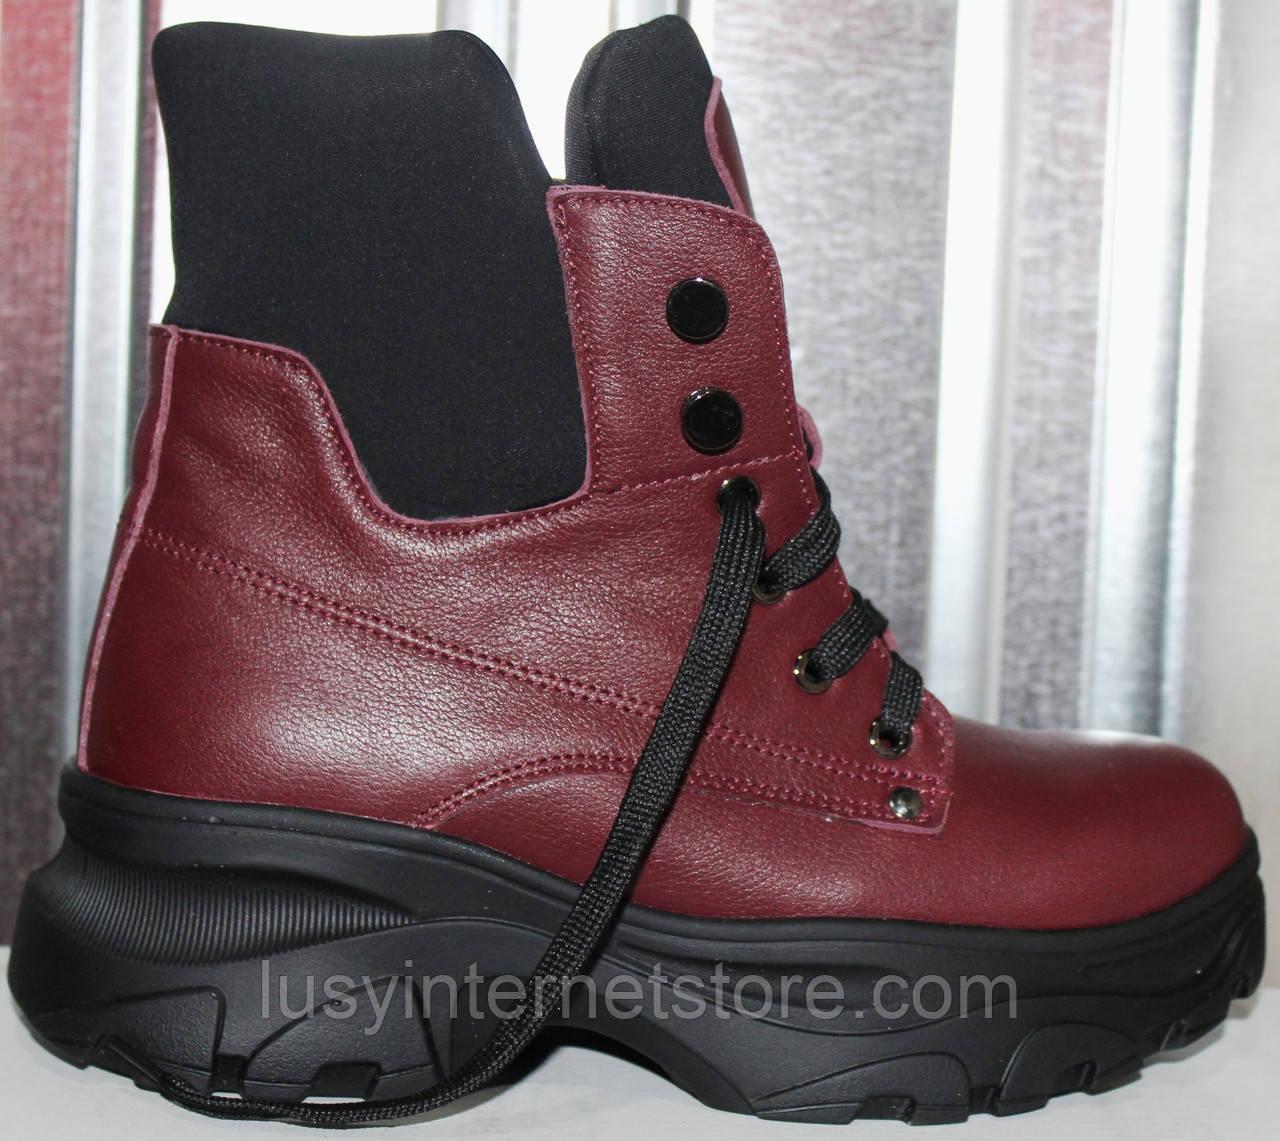 Ботинки женские зимние кожаные от производителя модель РИА-2-1